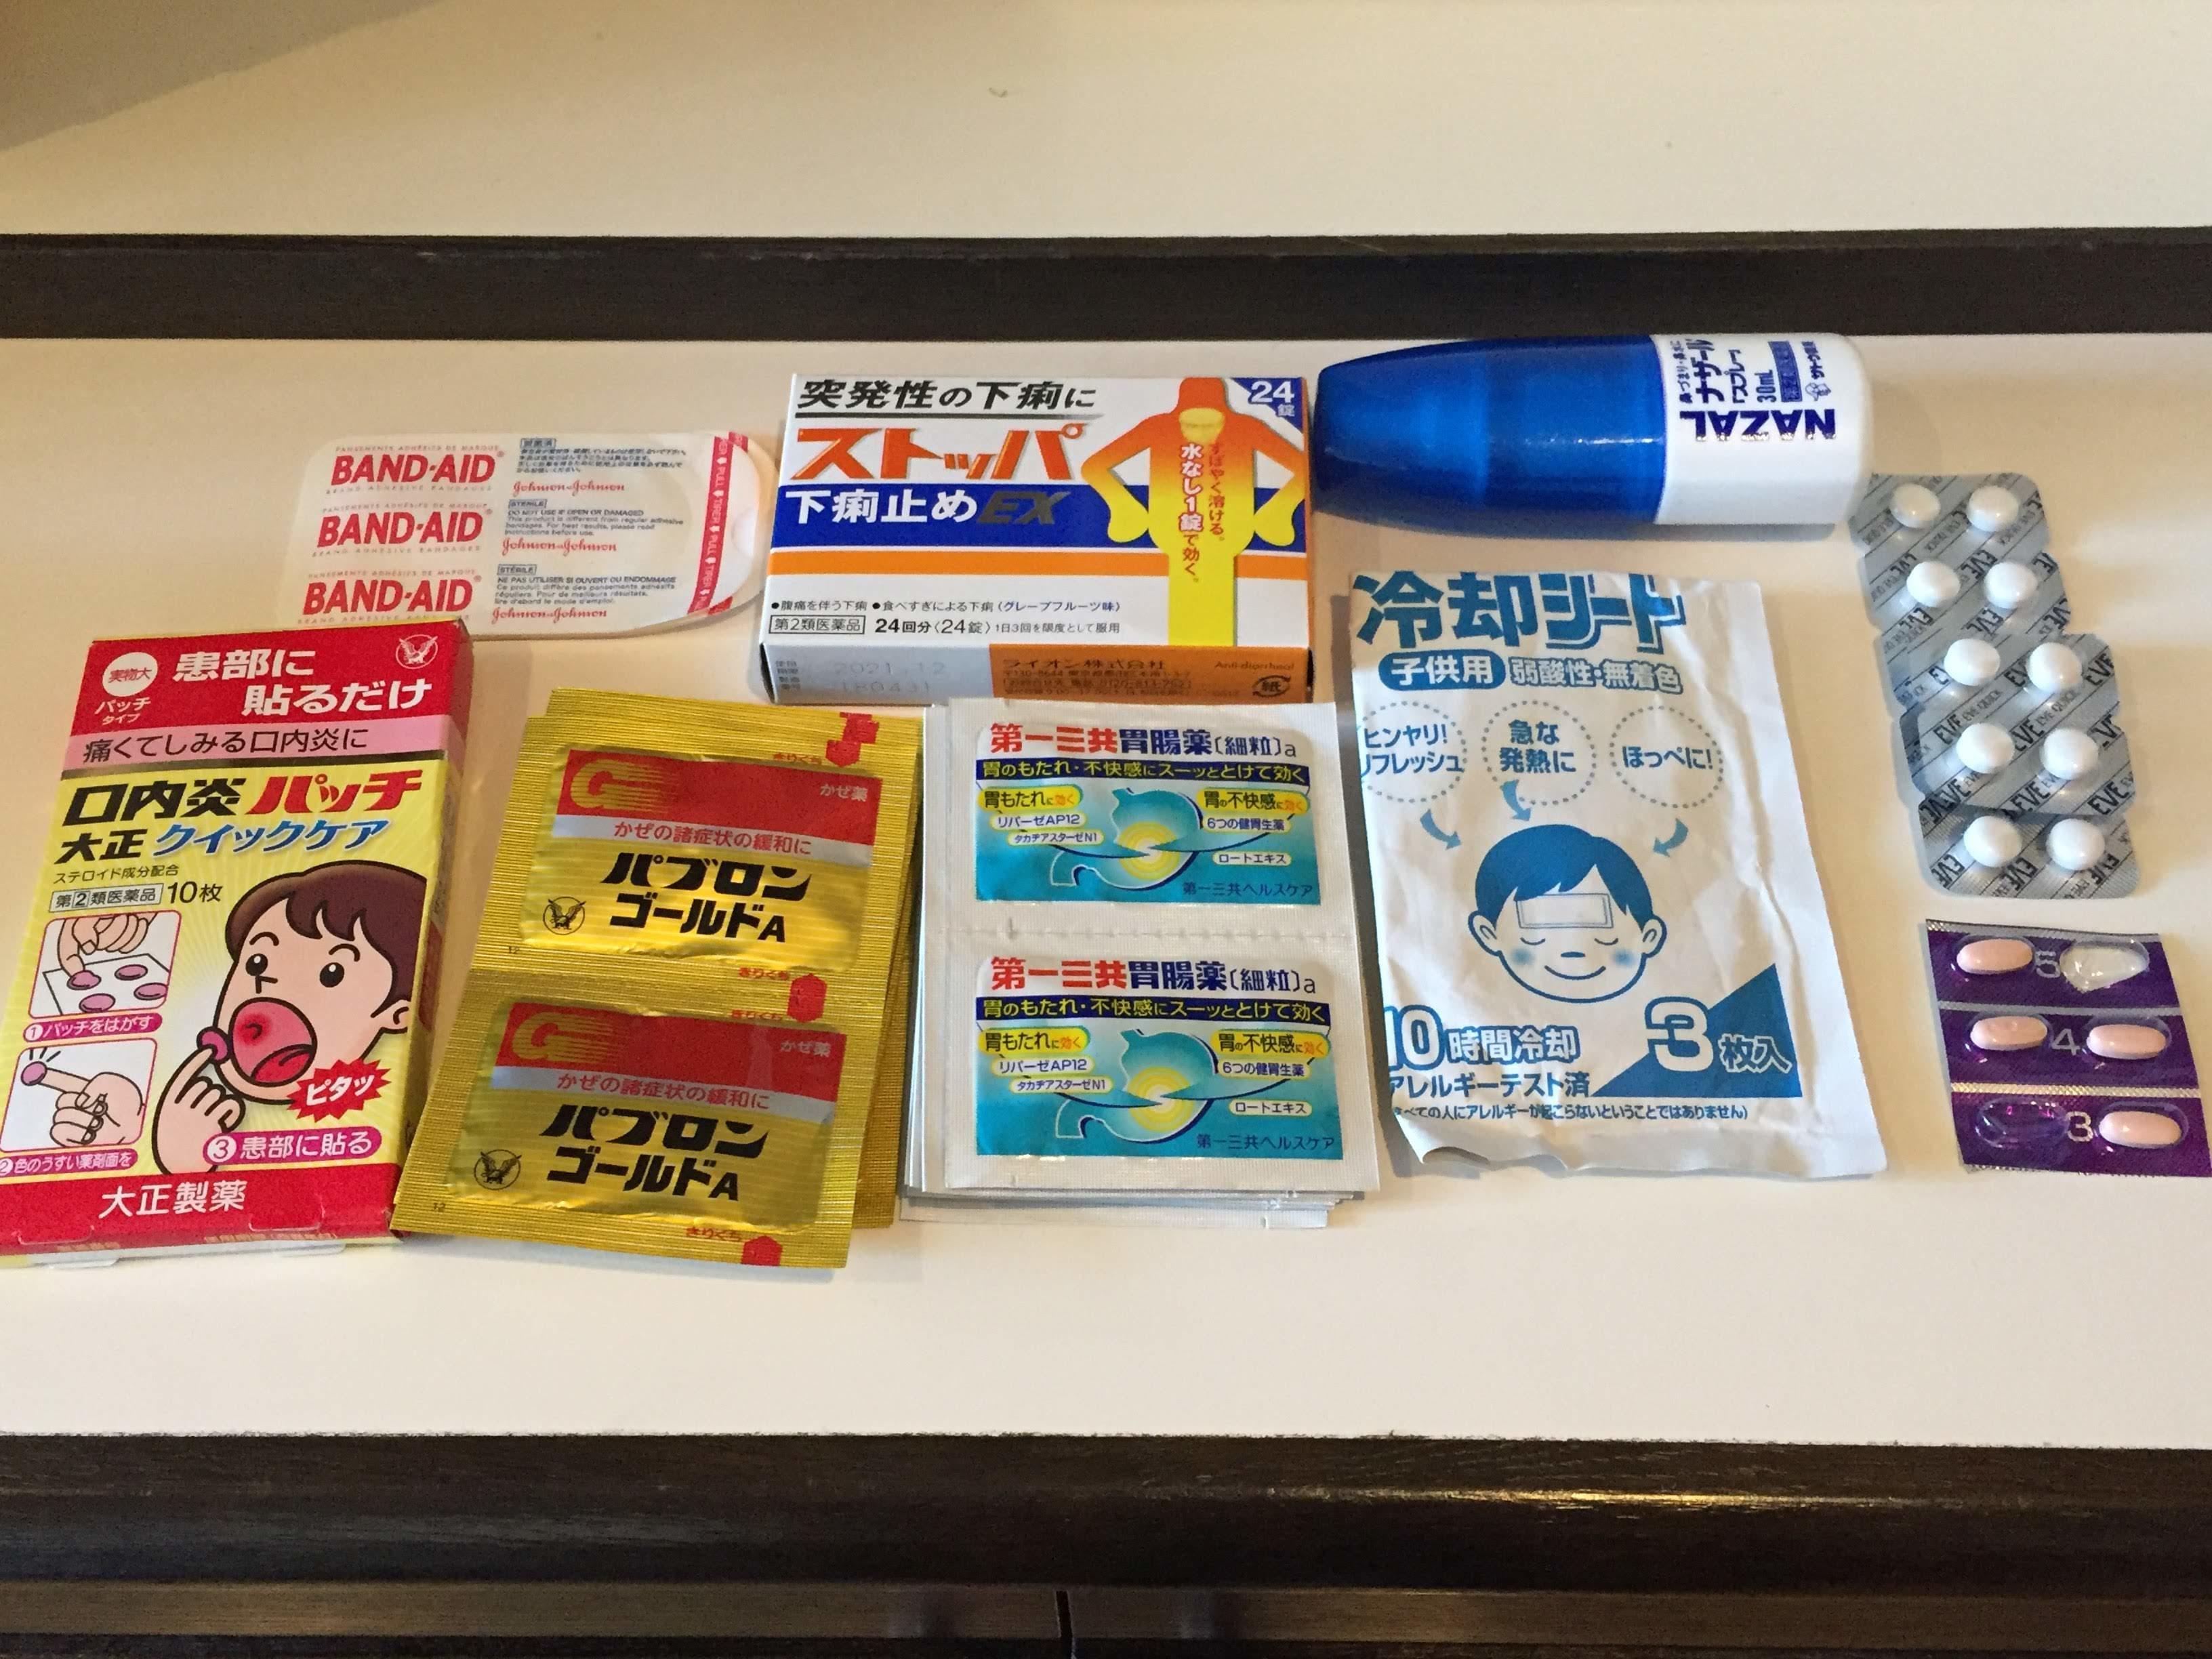 台湾旅行 常備薬